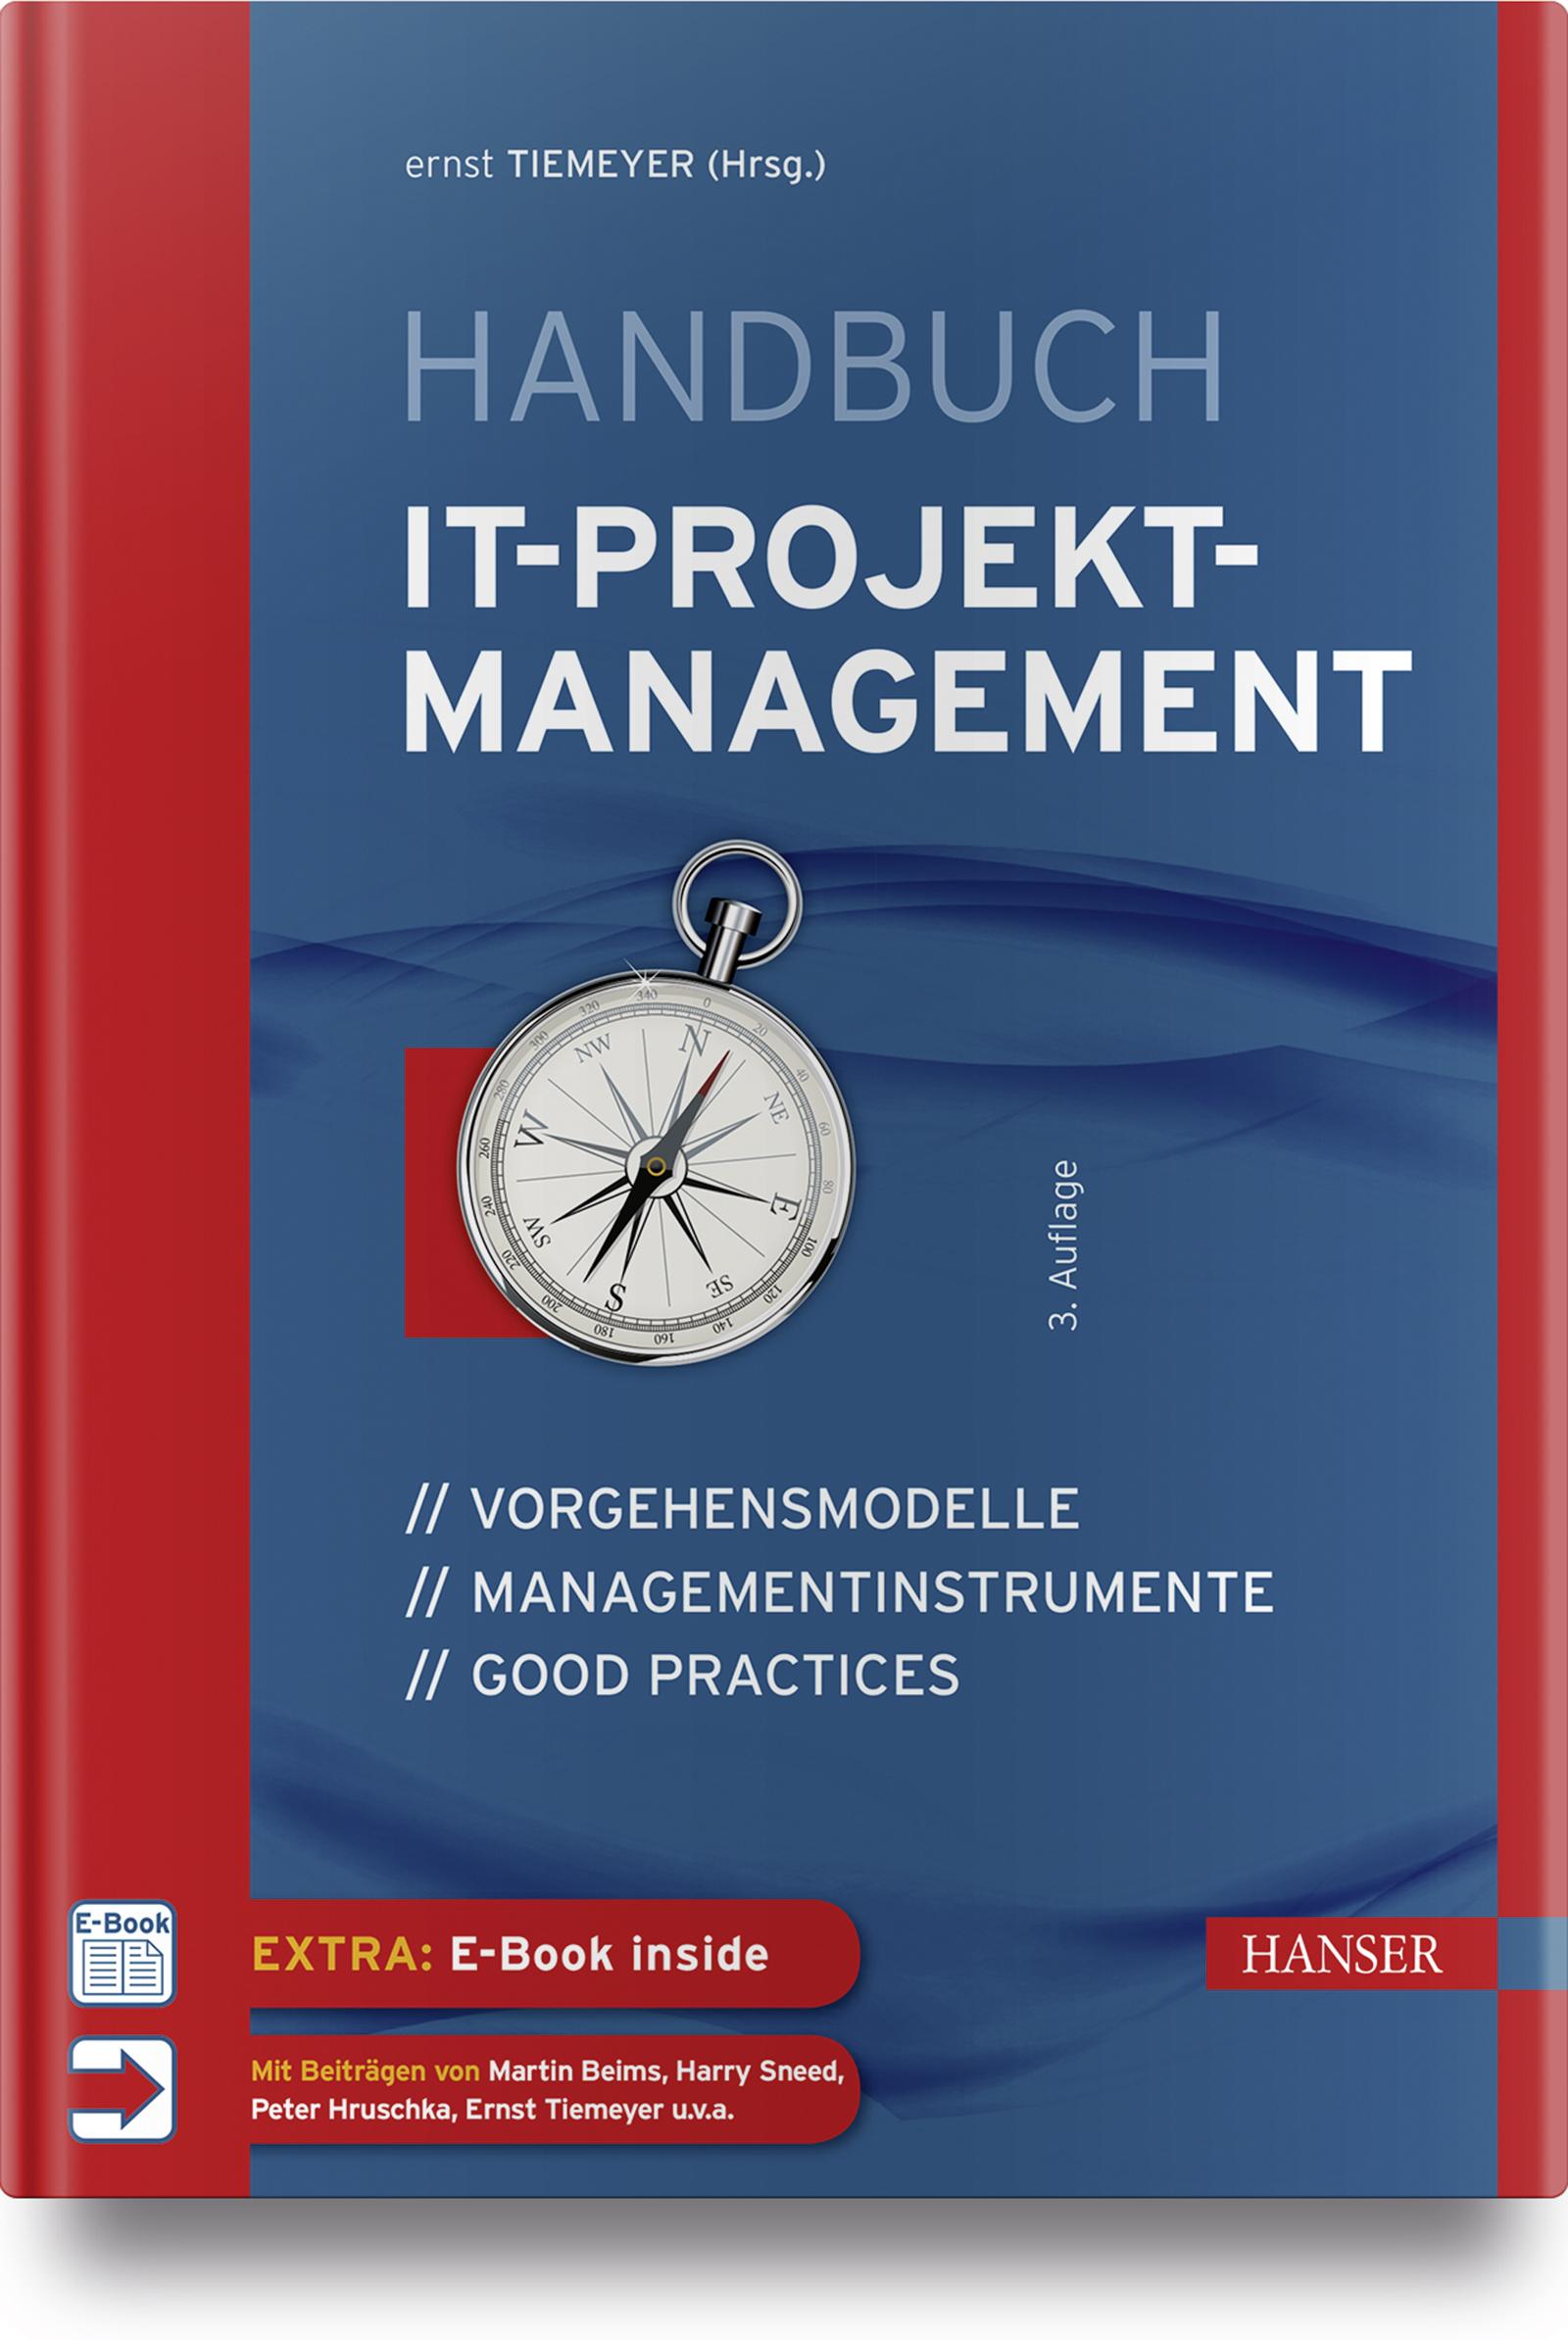 Handbuch IT-Projektmanagement, 978-3-446-44602-1